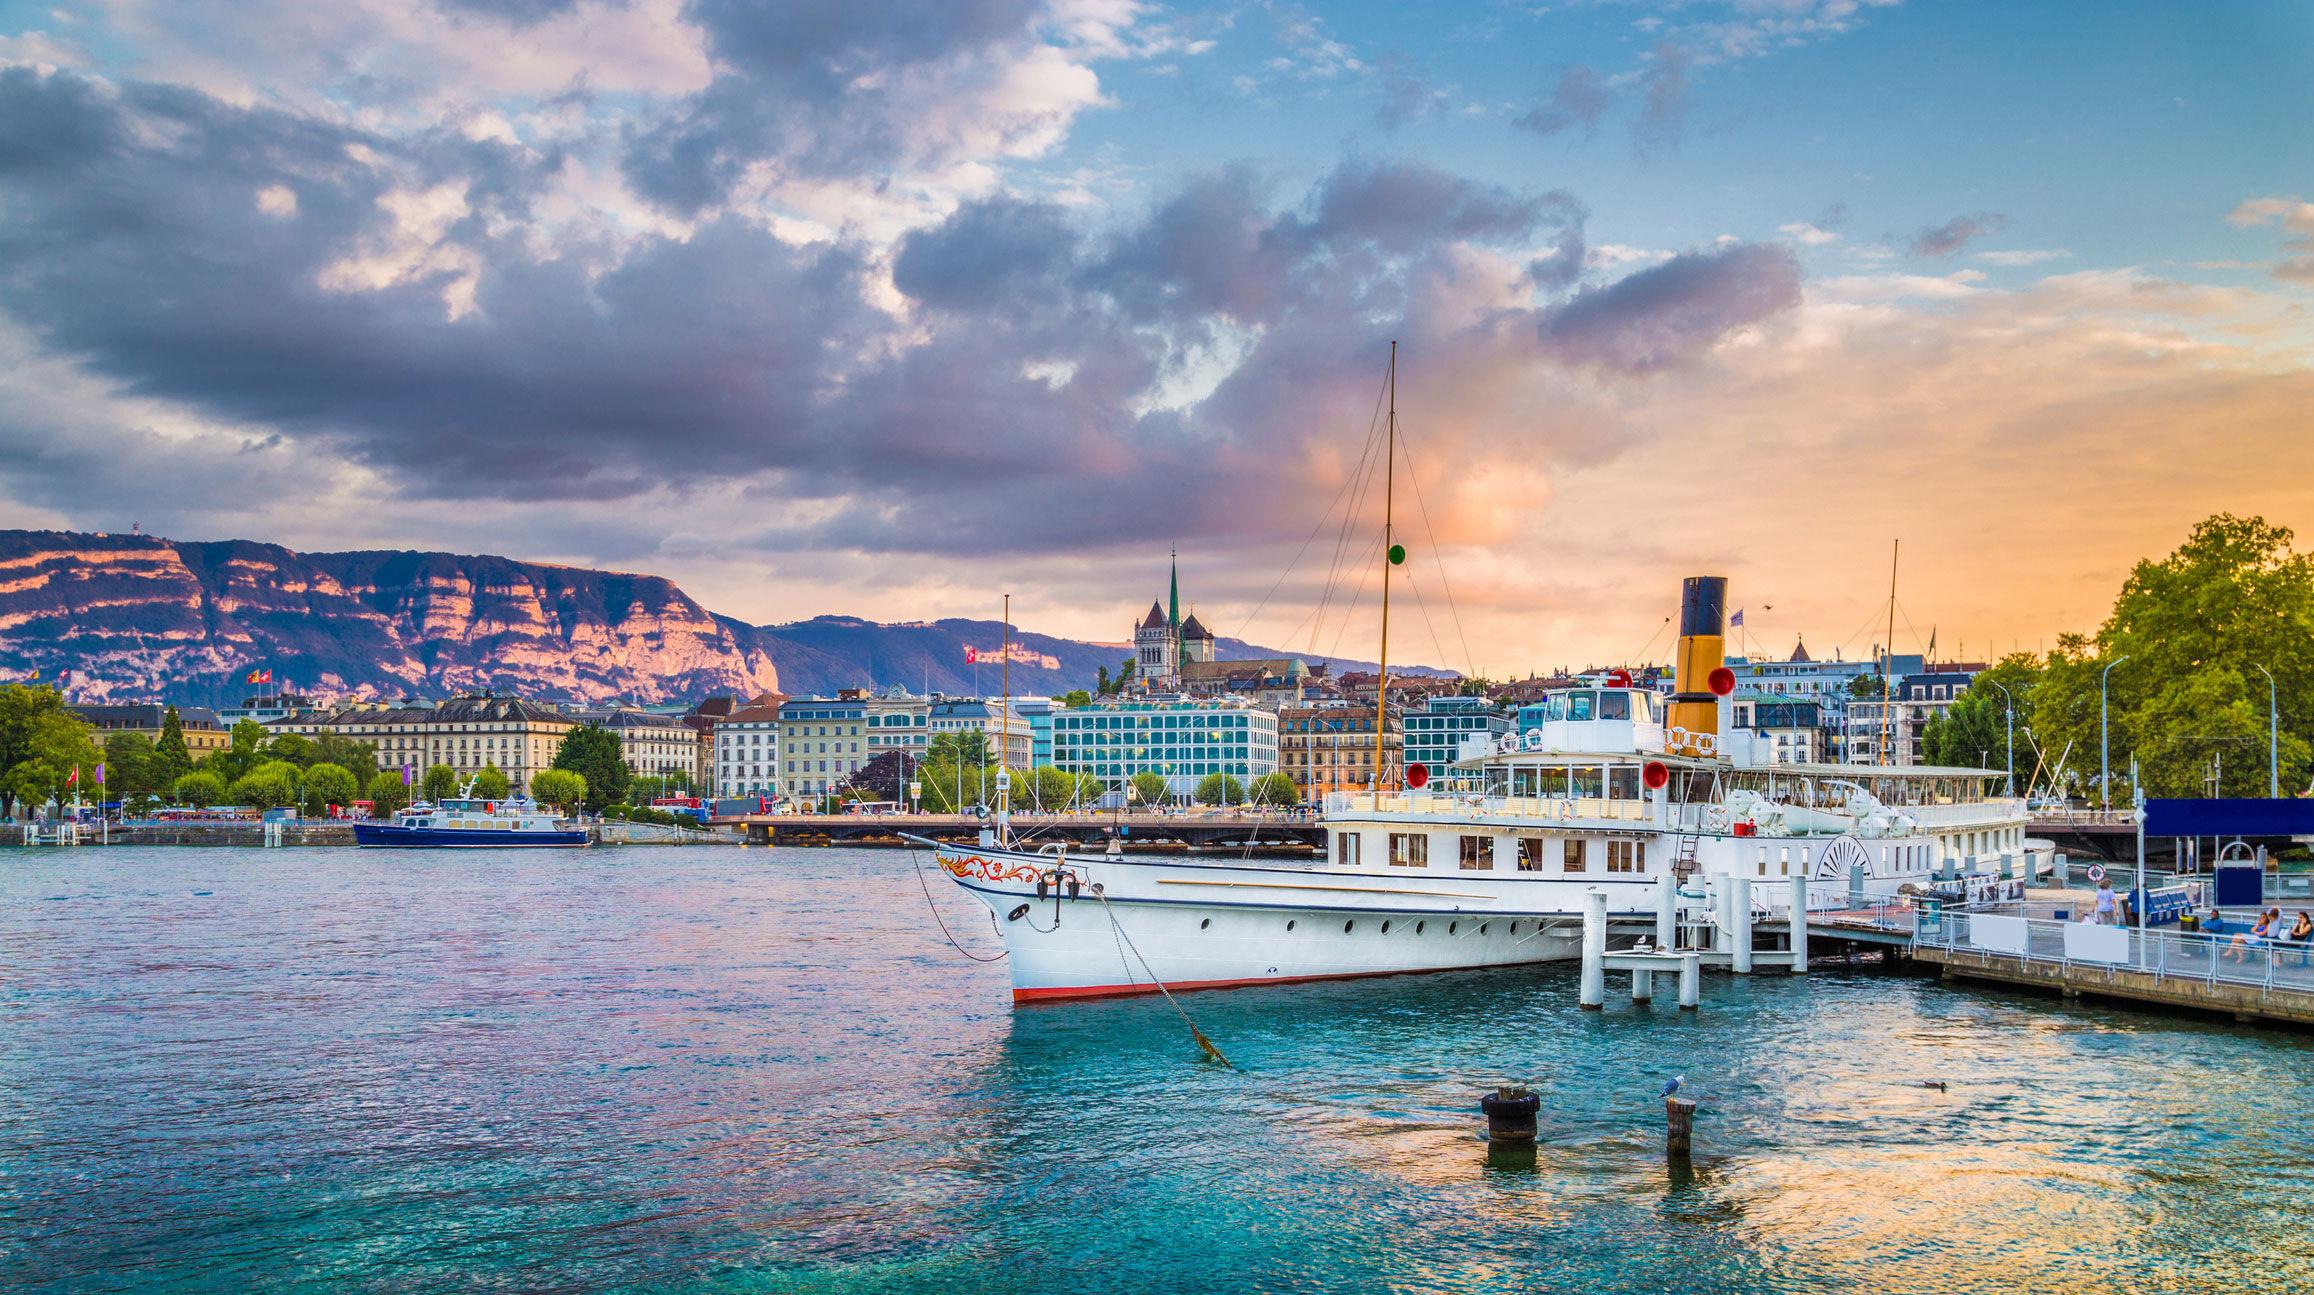 Ženeva, bluejayphoto | istockphoto.com/